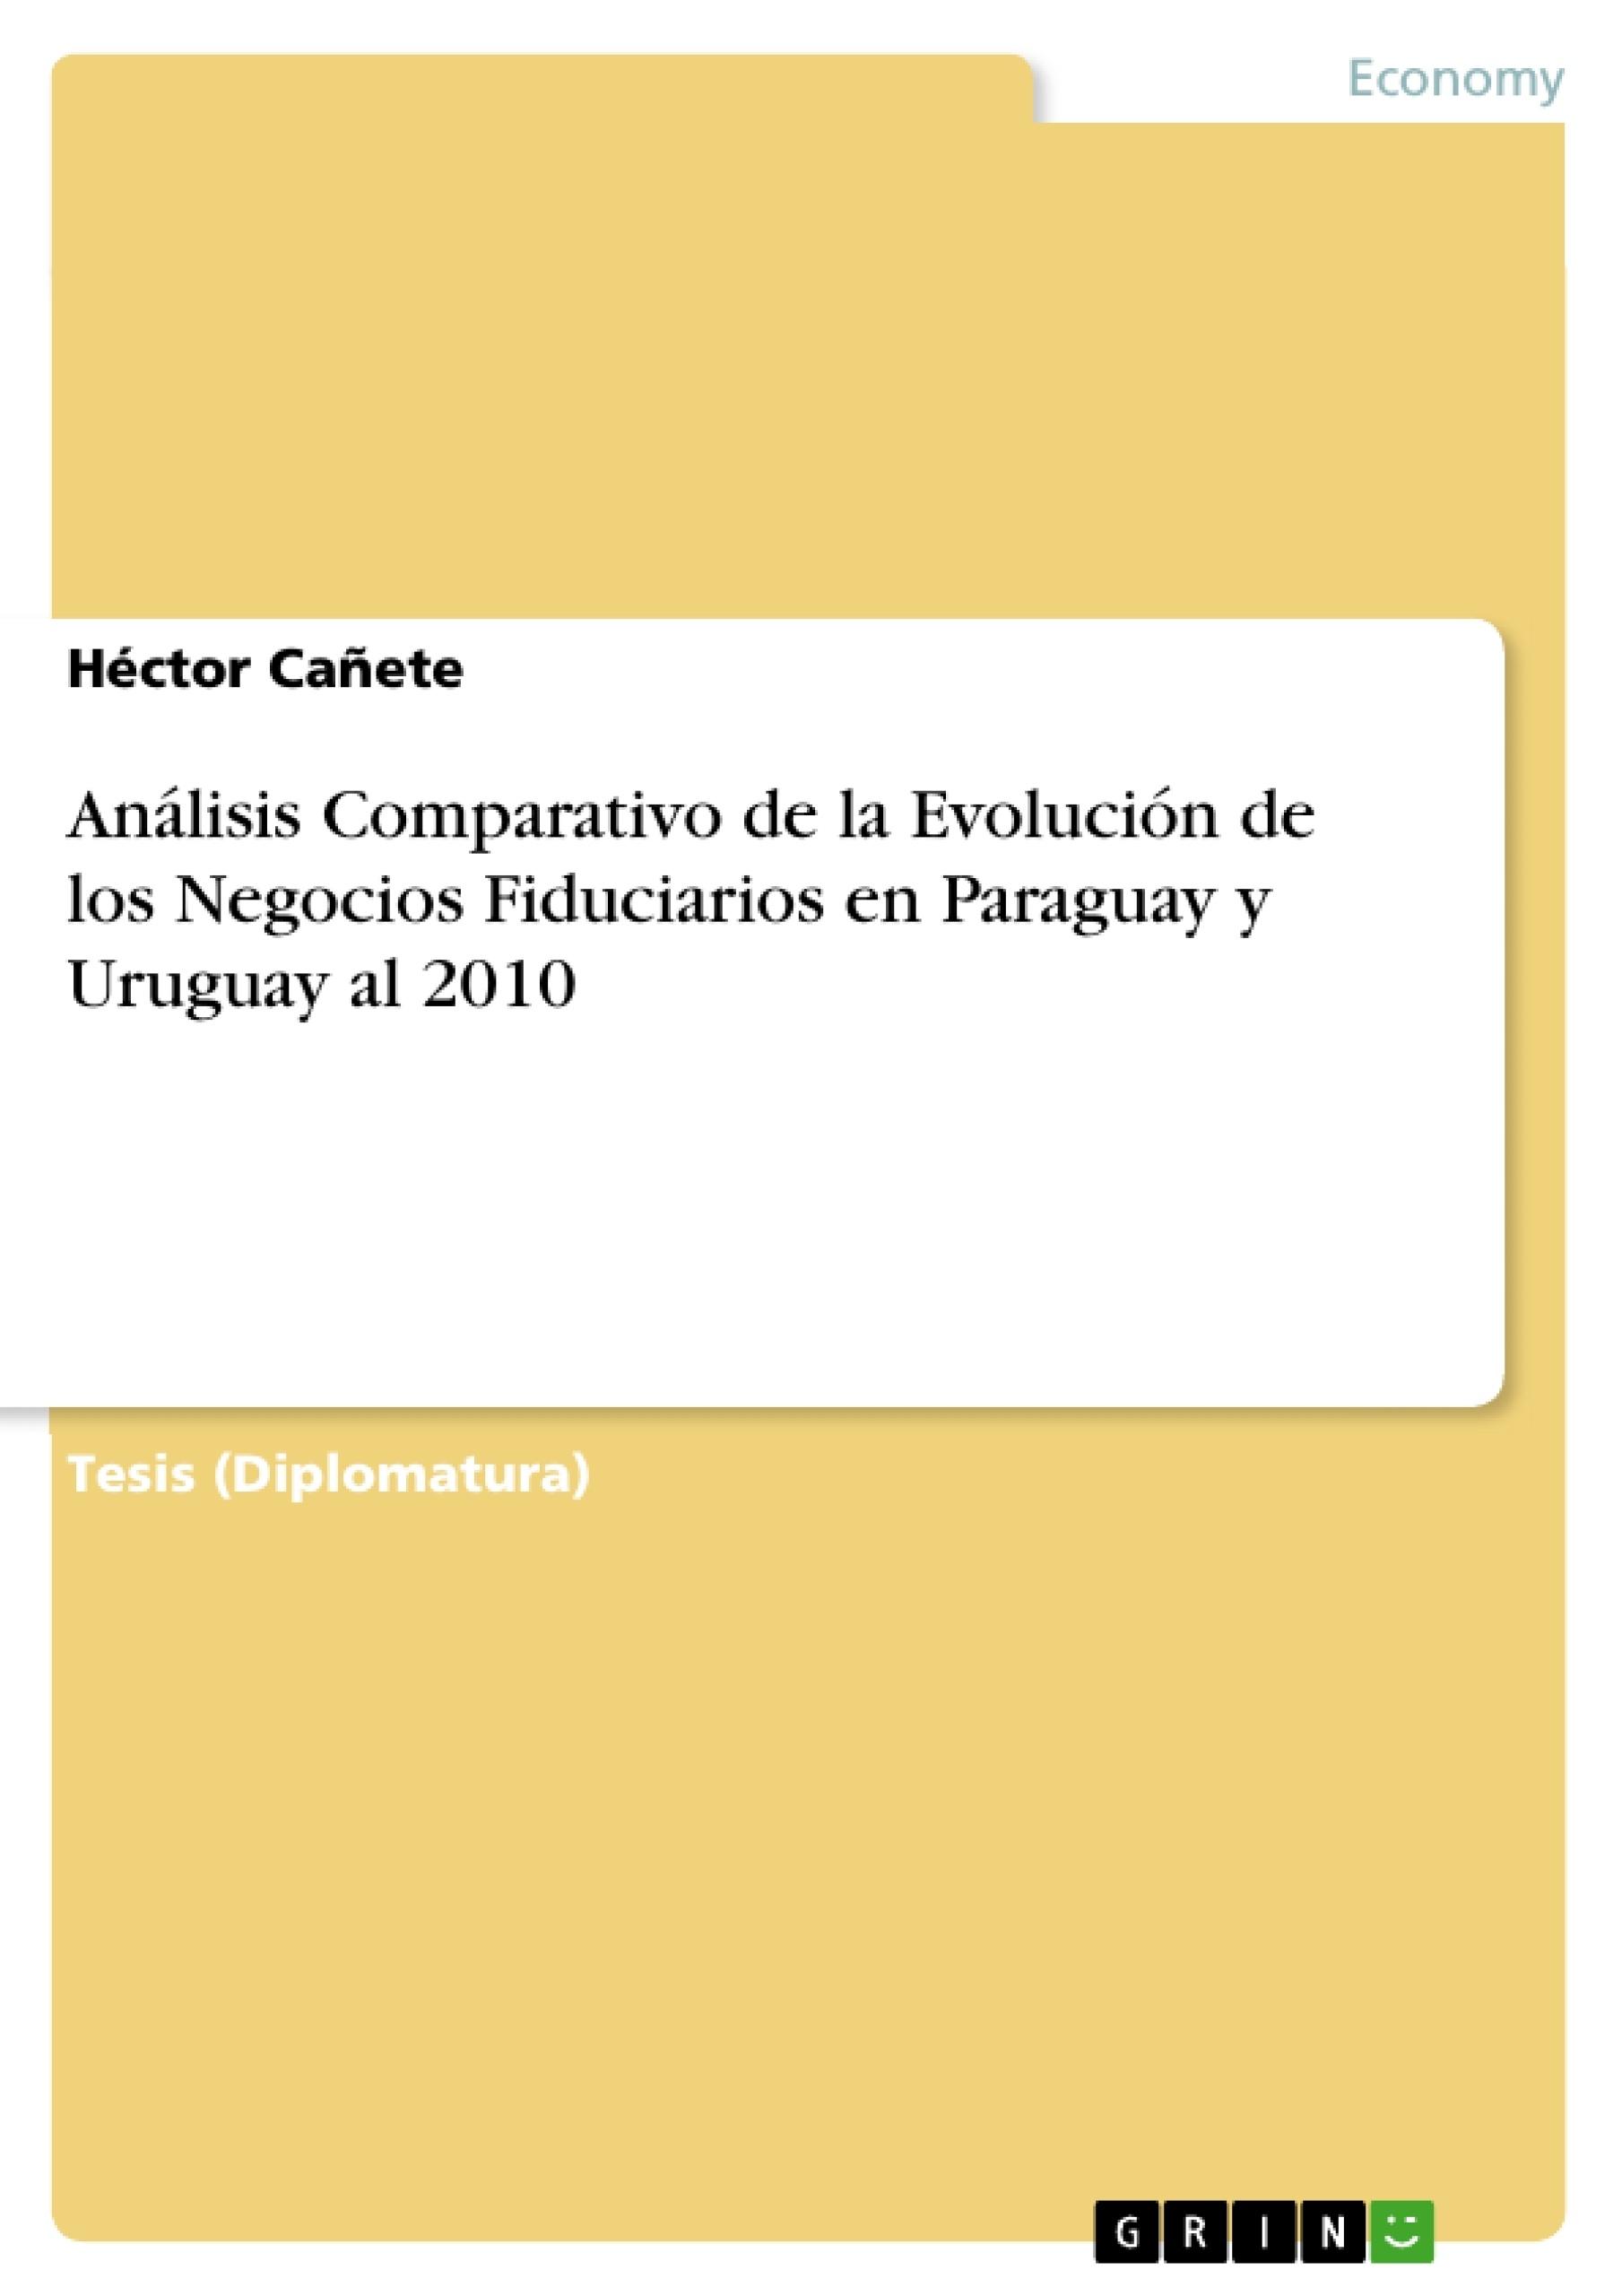 Título: Análisis Comparativo de la Evolución de los Negocios Fiduciarios en Paraguay y Uruguay al 2010